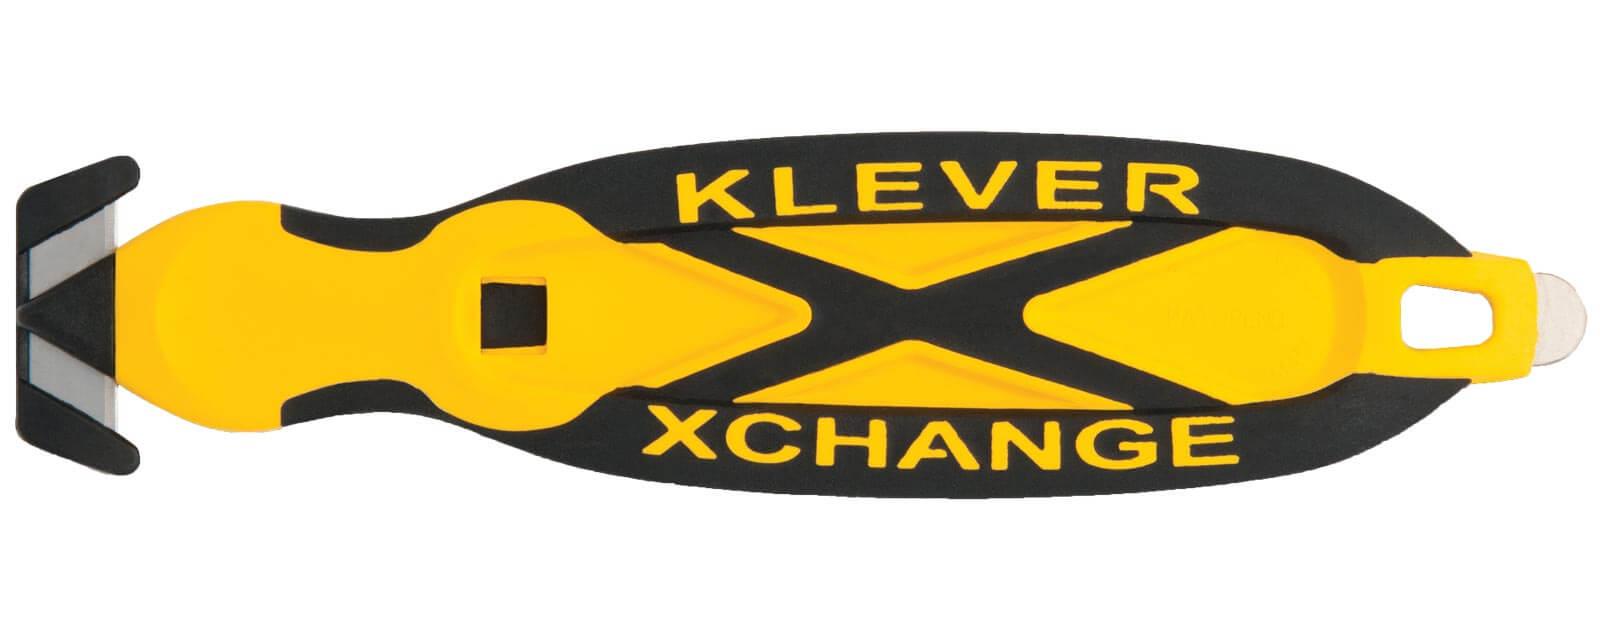 H031G-Sicherheitsmesser-Klever-Xchange-gelb-CURT-tools